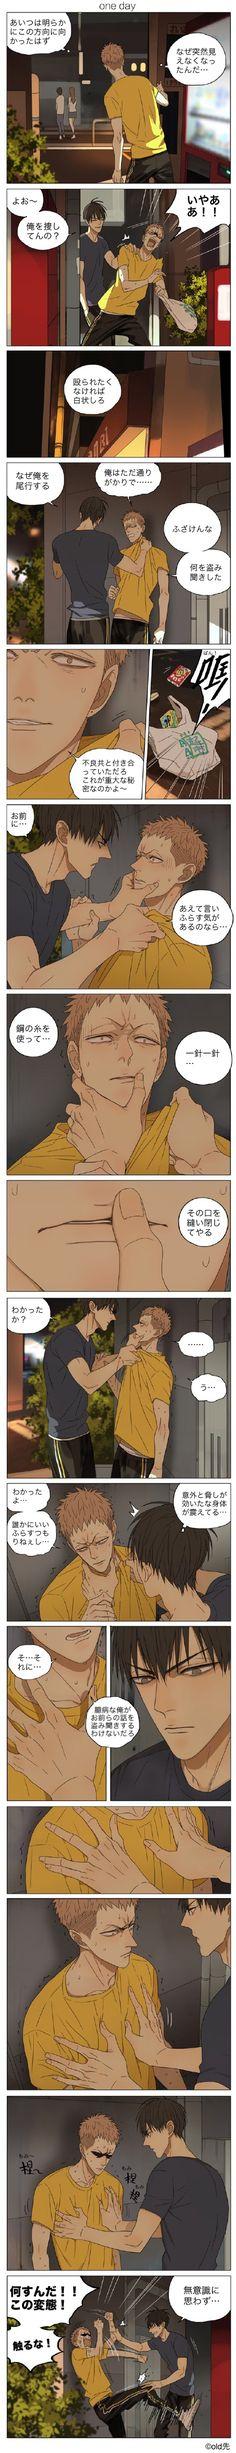 19天ch170日本語訳「忍不住。」(こらえきれなかった。)Twitterで最新話含め順次公開中@ukaretonnchiki